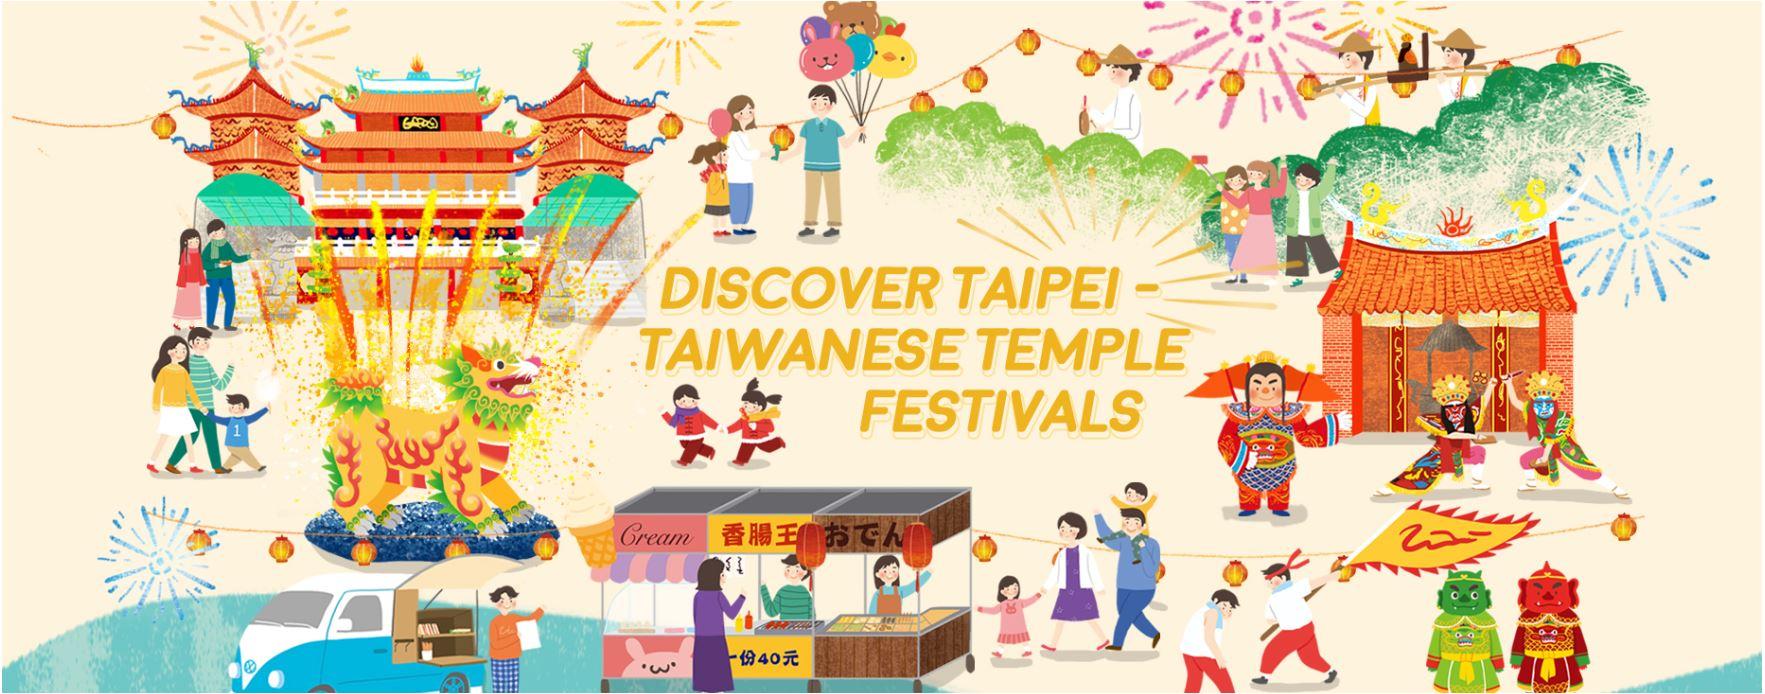 台北に思い馳せ、テンプルフェアで楽しもう